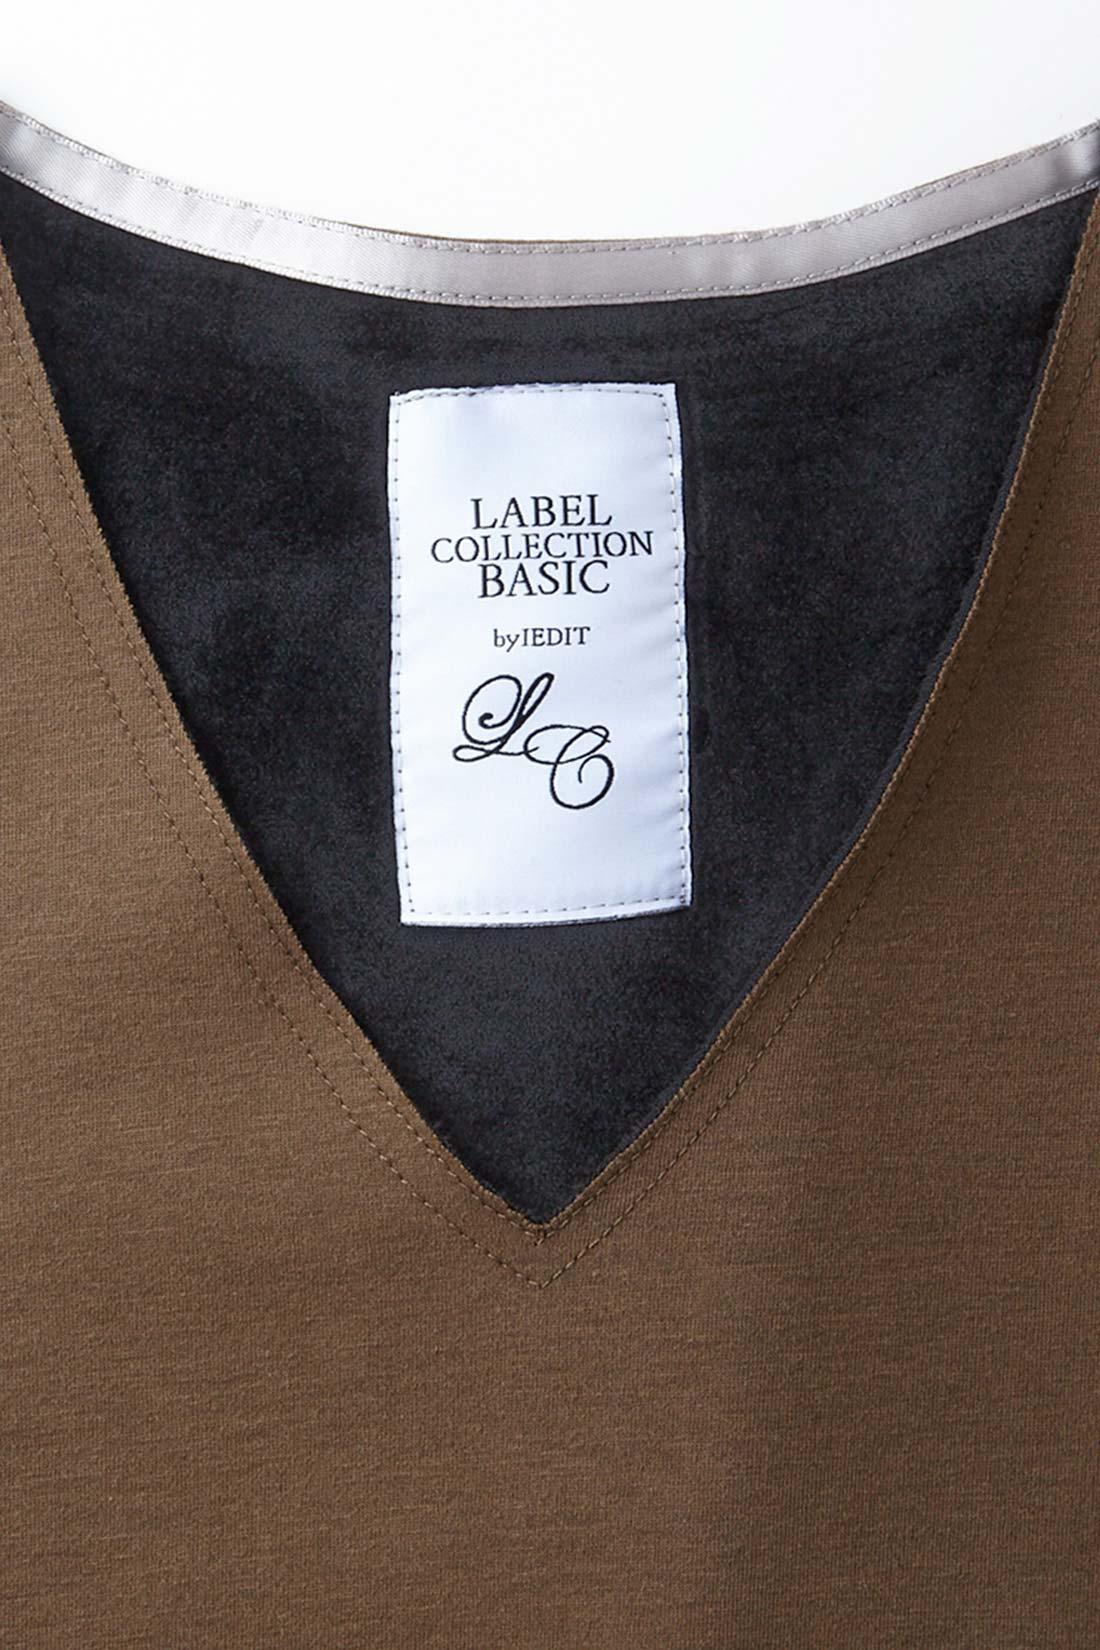 切りっぱなしデザインでネックラインもすっきり 衿ぐり、袖口、すそは切りっぱなしの仕様にステッチをたたいてすっきり今年らしく。オリジナルブランドネームがリッチなムード。